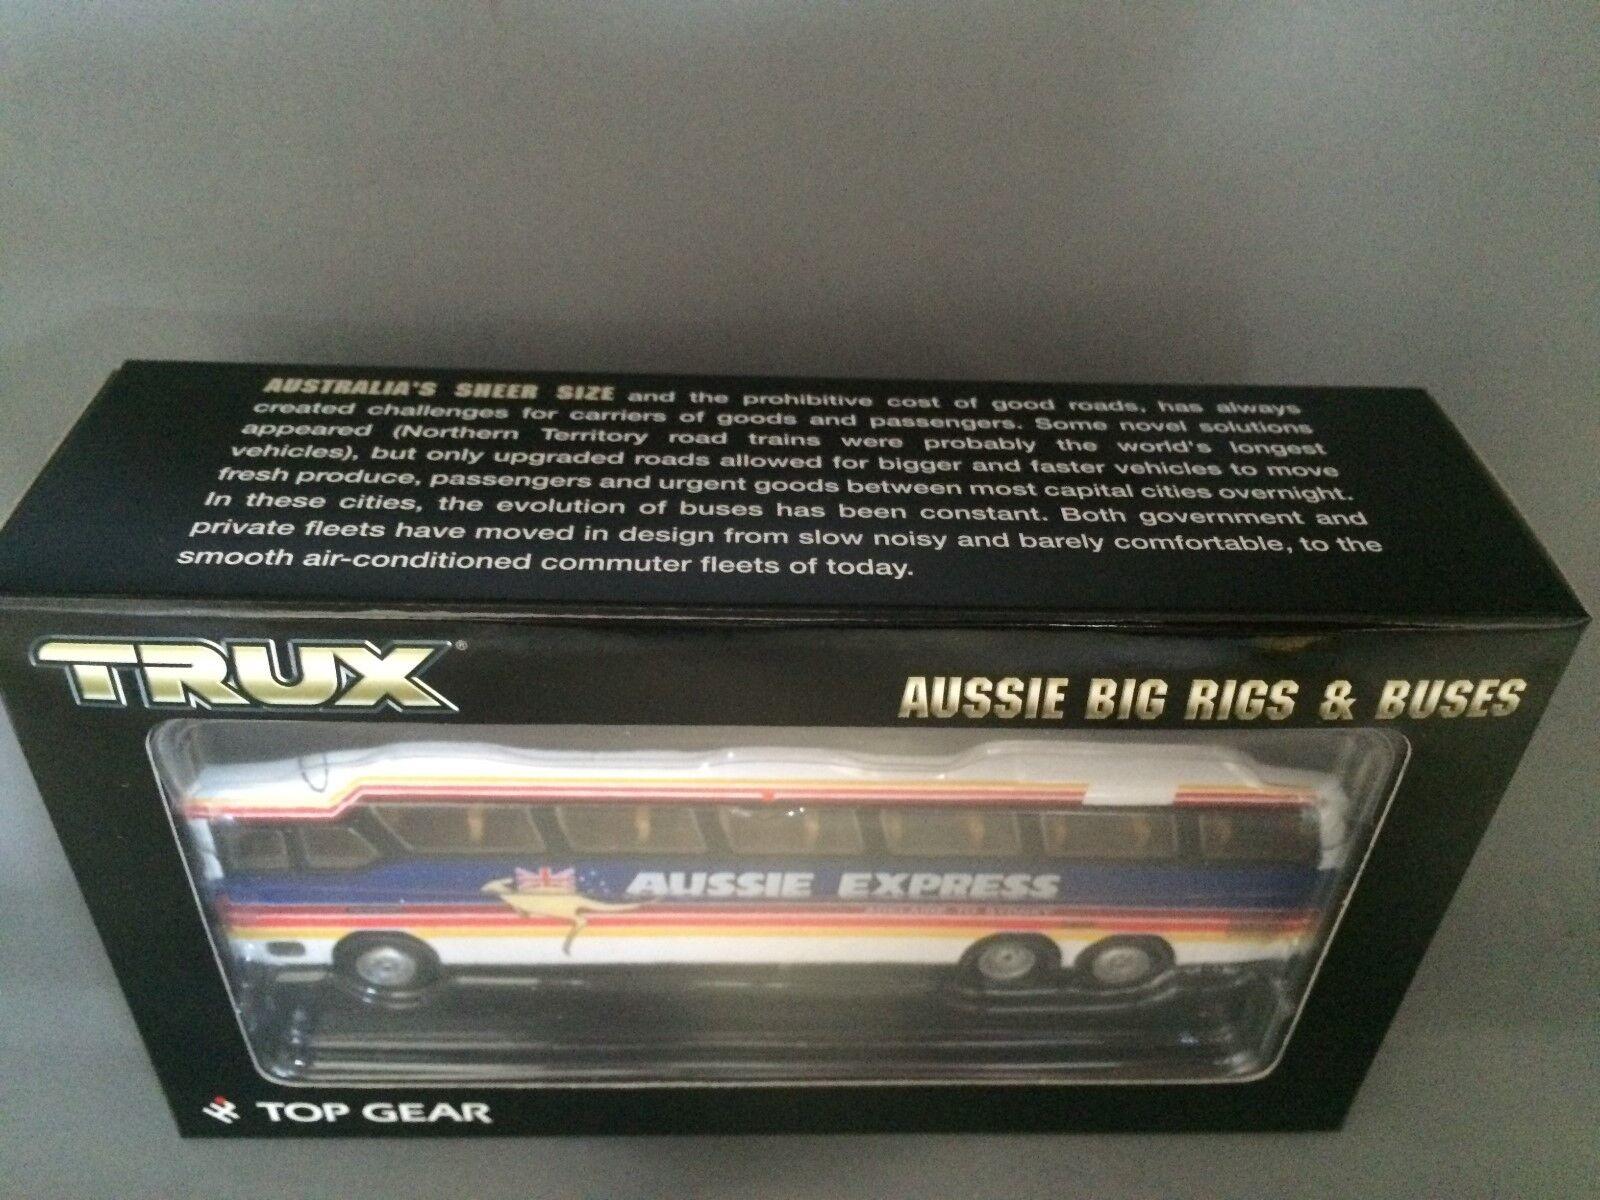 ventas en linea 1 76 Trux TX16J 1980 1980 1980 Mono Entrenador-Aussie Express Denning  punto de venta de la marca